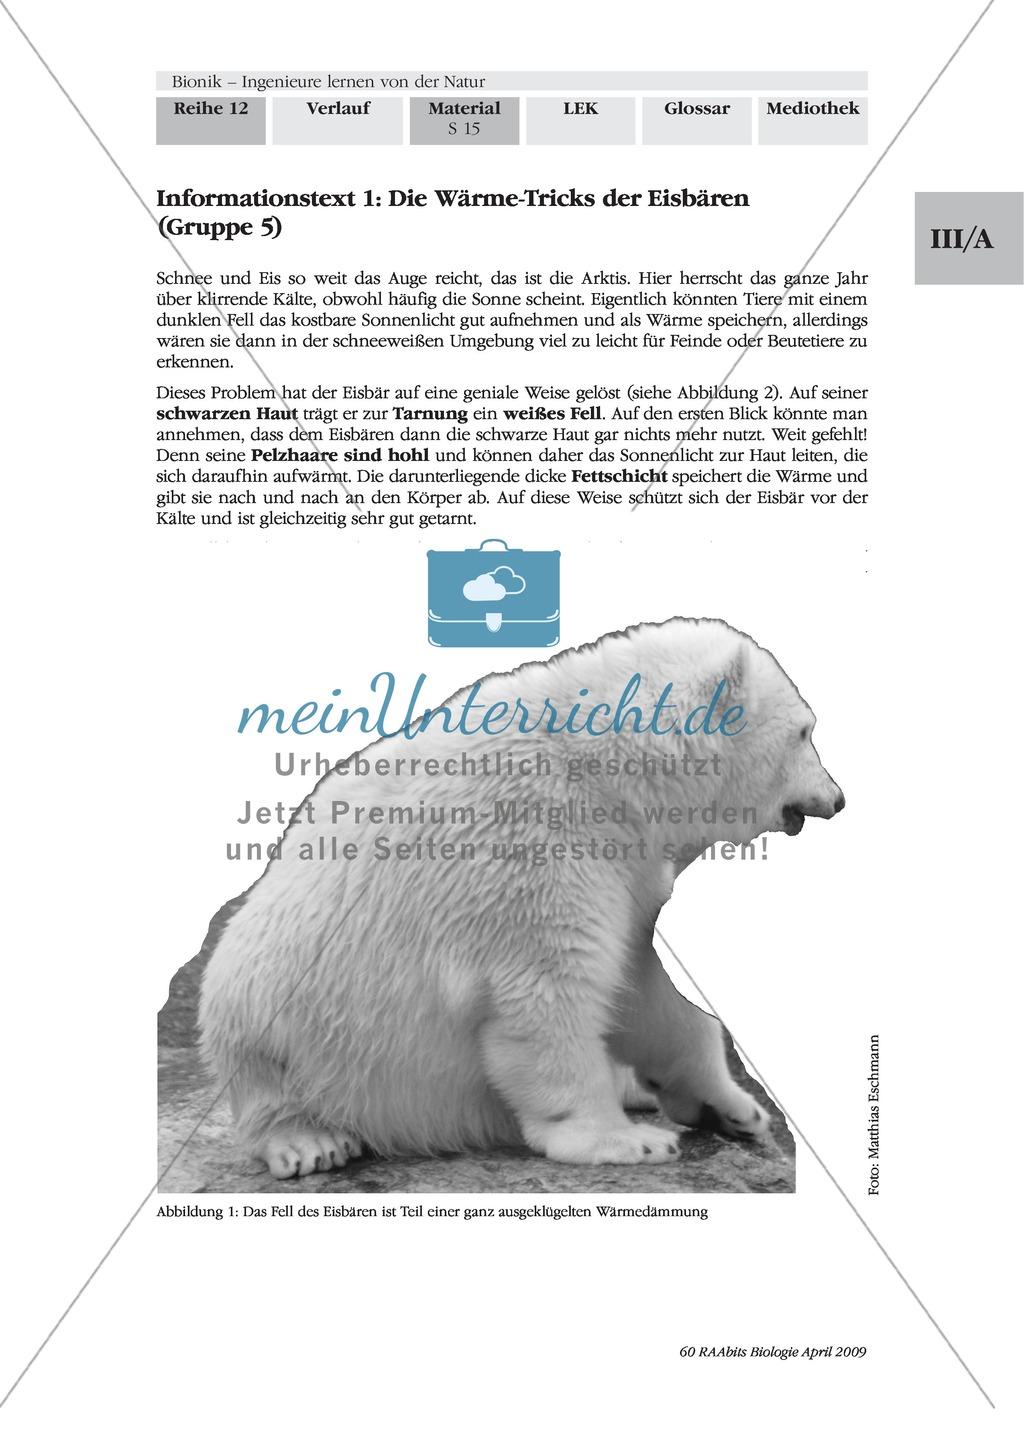 Bionik: Die Wärmedämmung von Eisbären als Vorbild für Hausfassaden Preview 1